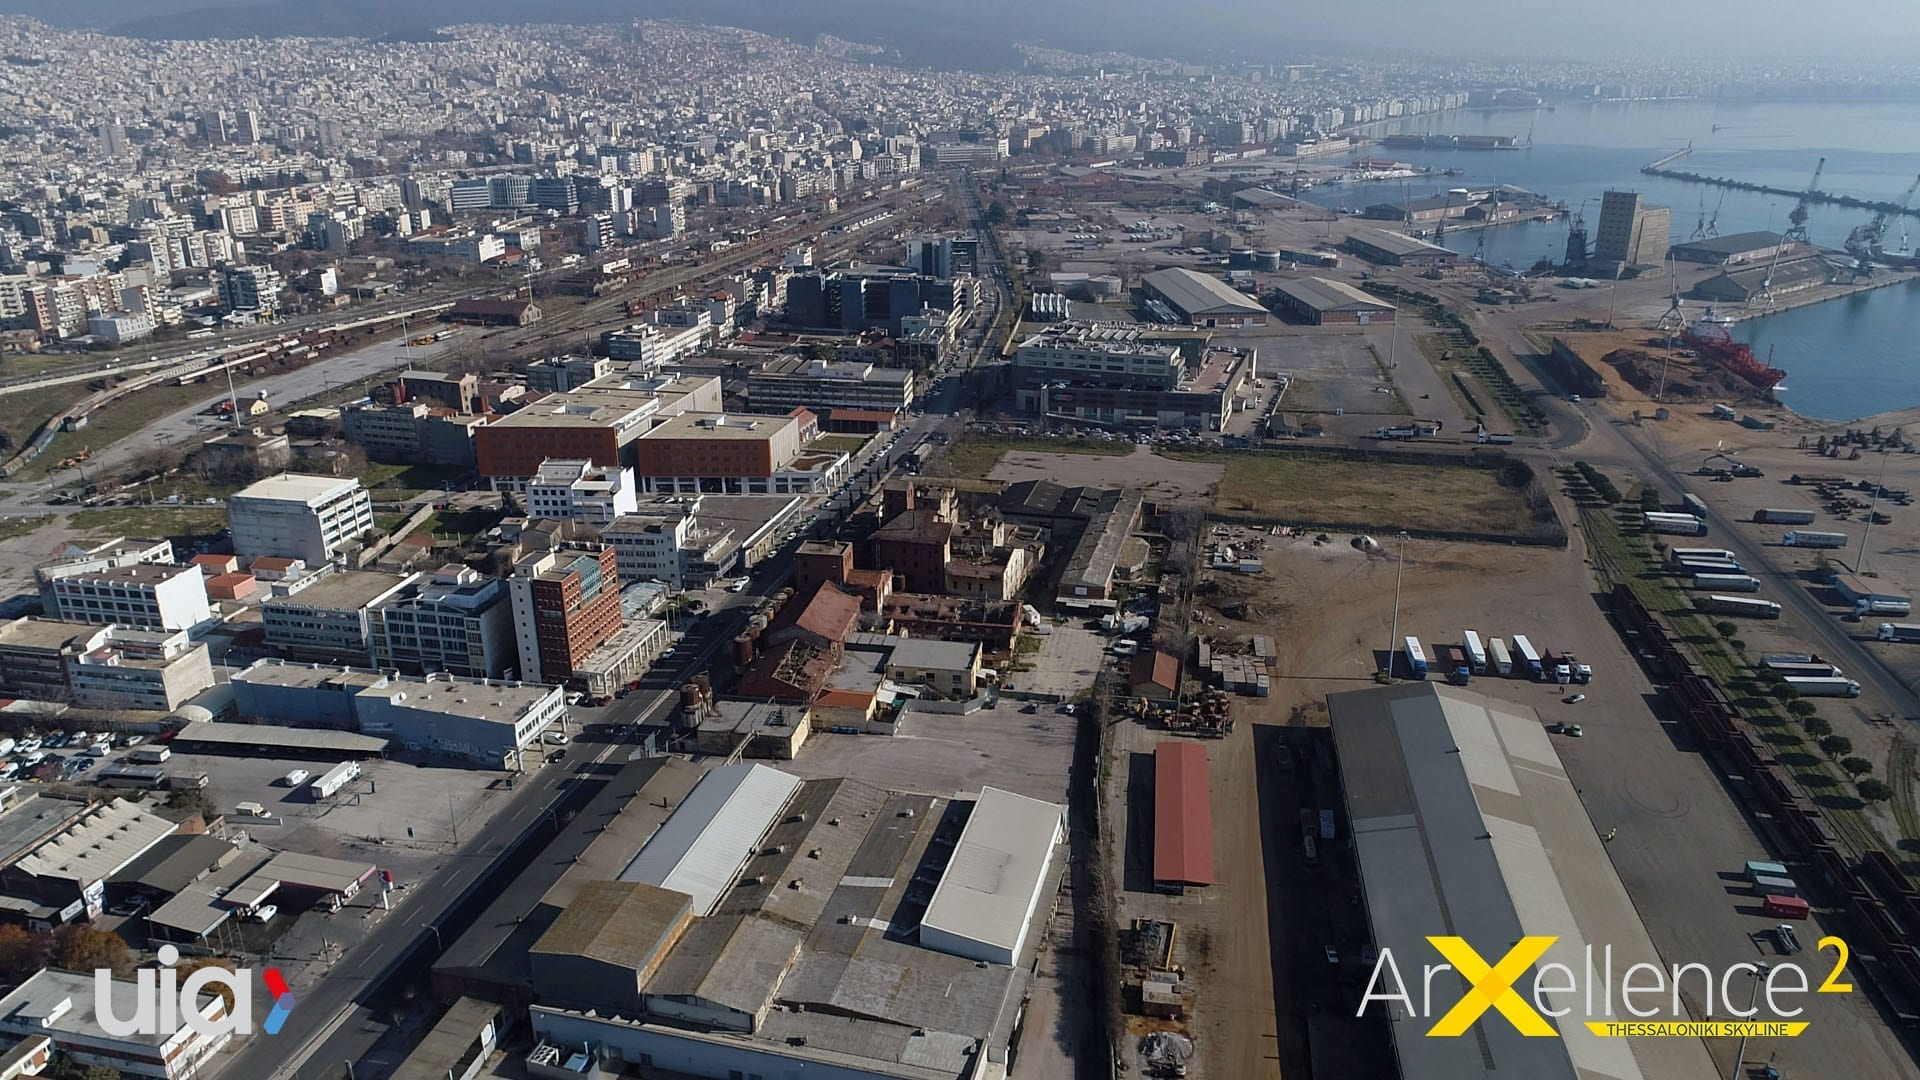 Arxellence 2 competition area 3 - ALUMIL organizează ArXellence 2, competiție deschisă arhitecților pentru noul Central Business District din Salonic